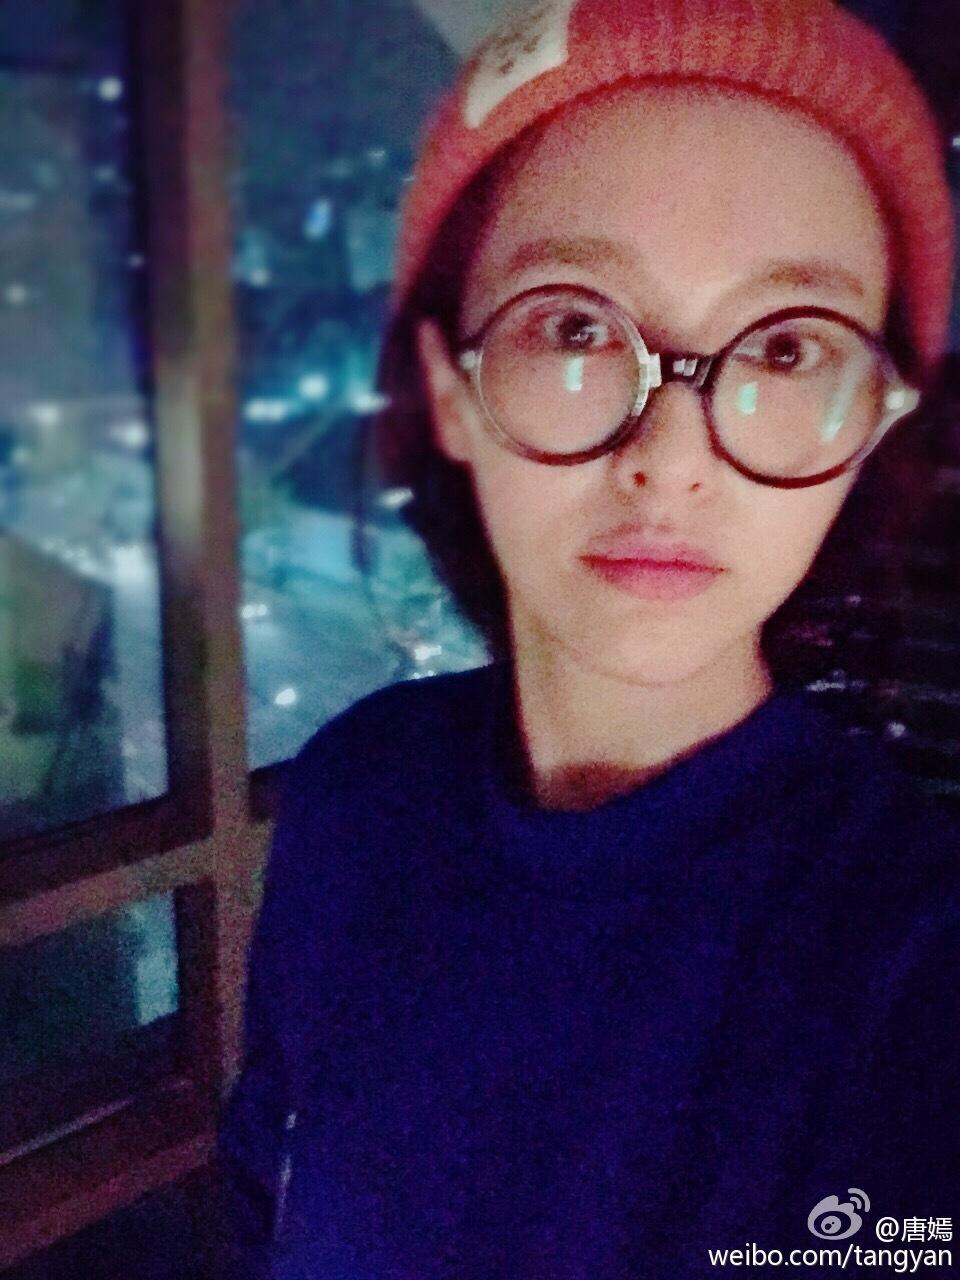 16日晚间,唐嫣晒出两张照片,其中一张她素颜戴着大圆框眼镜,另一张则